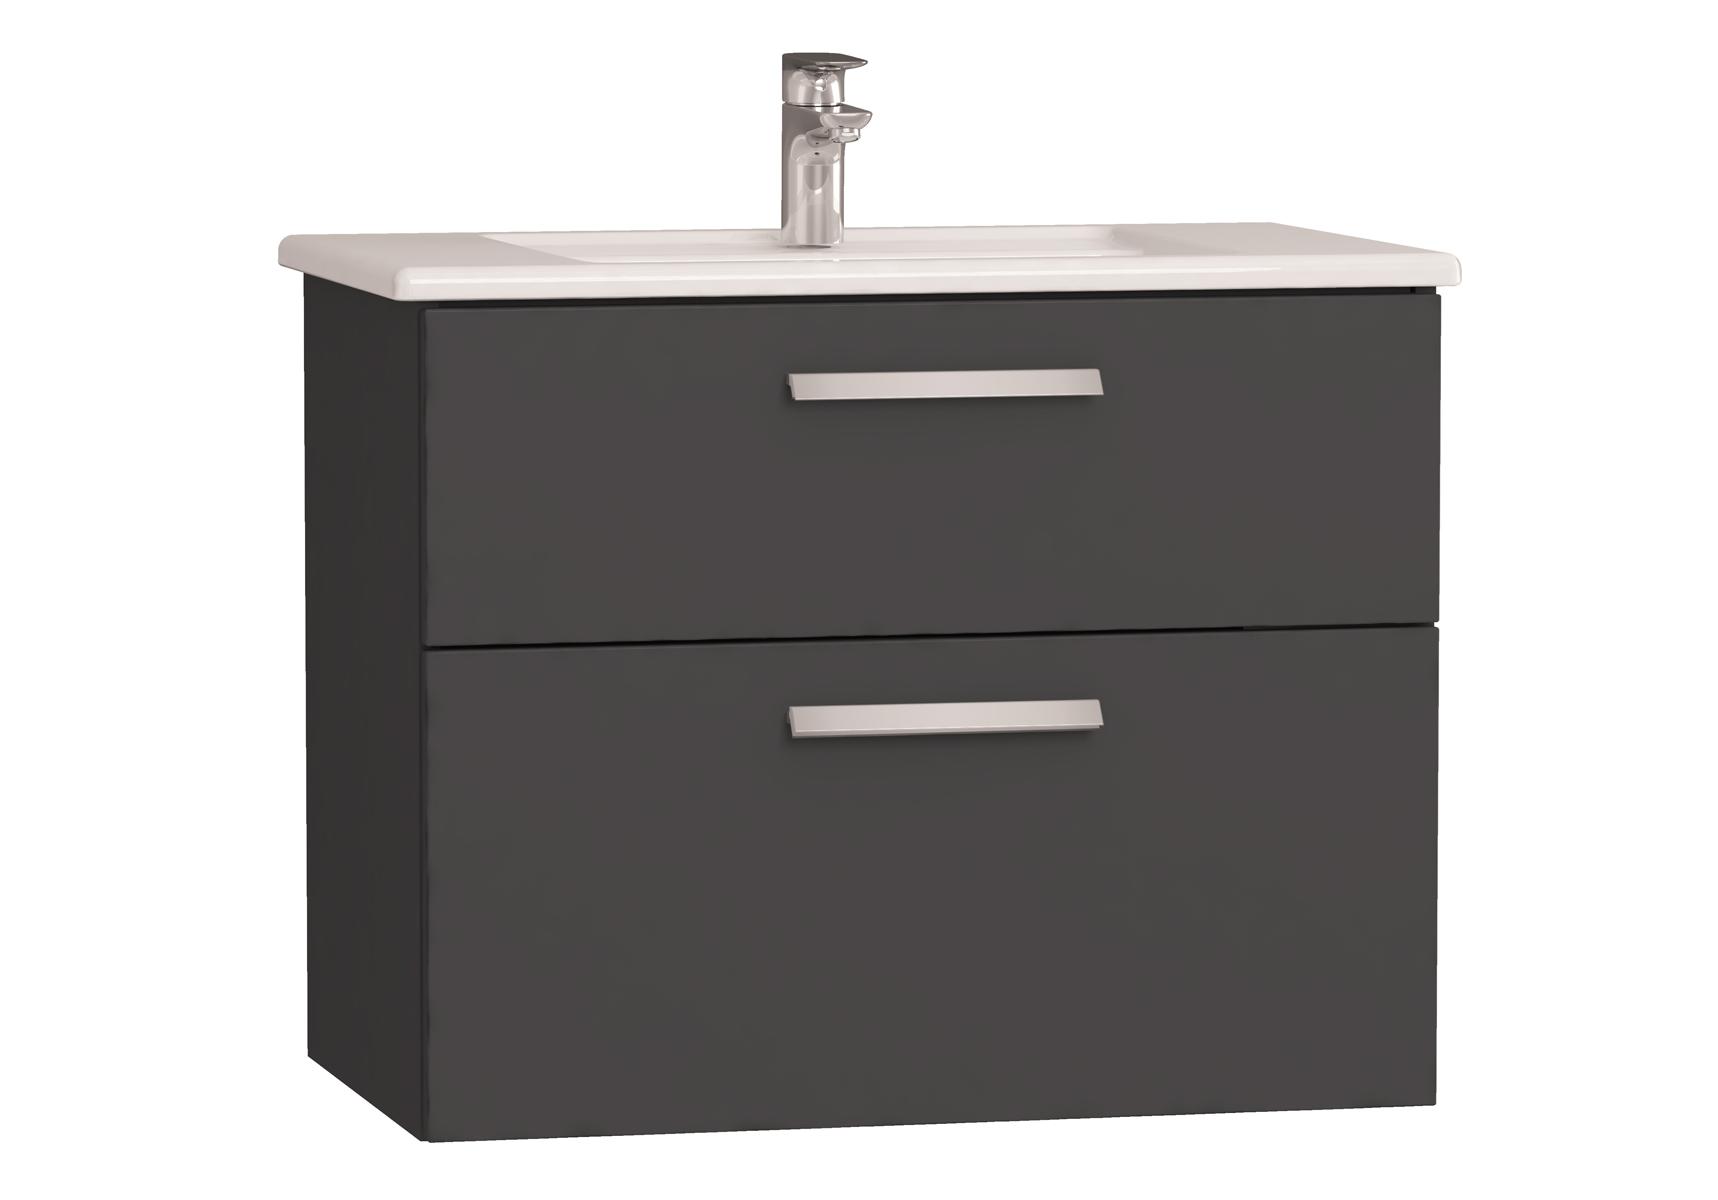 Integra meuble avec plan céramique avec deux tiroirs, 80 cm, anthraciteacite haute brillance